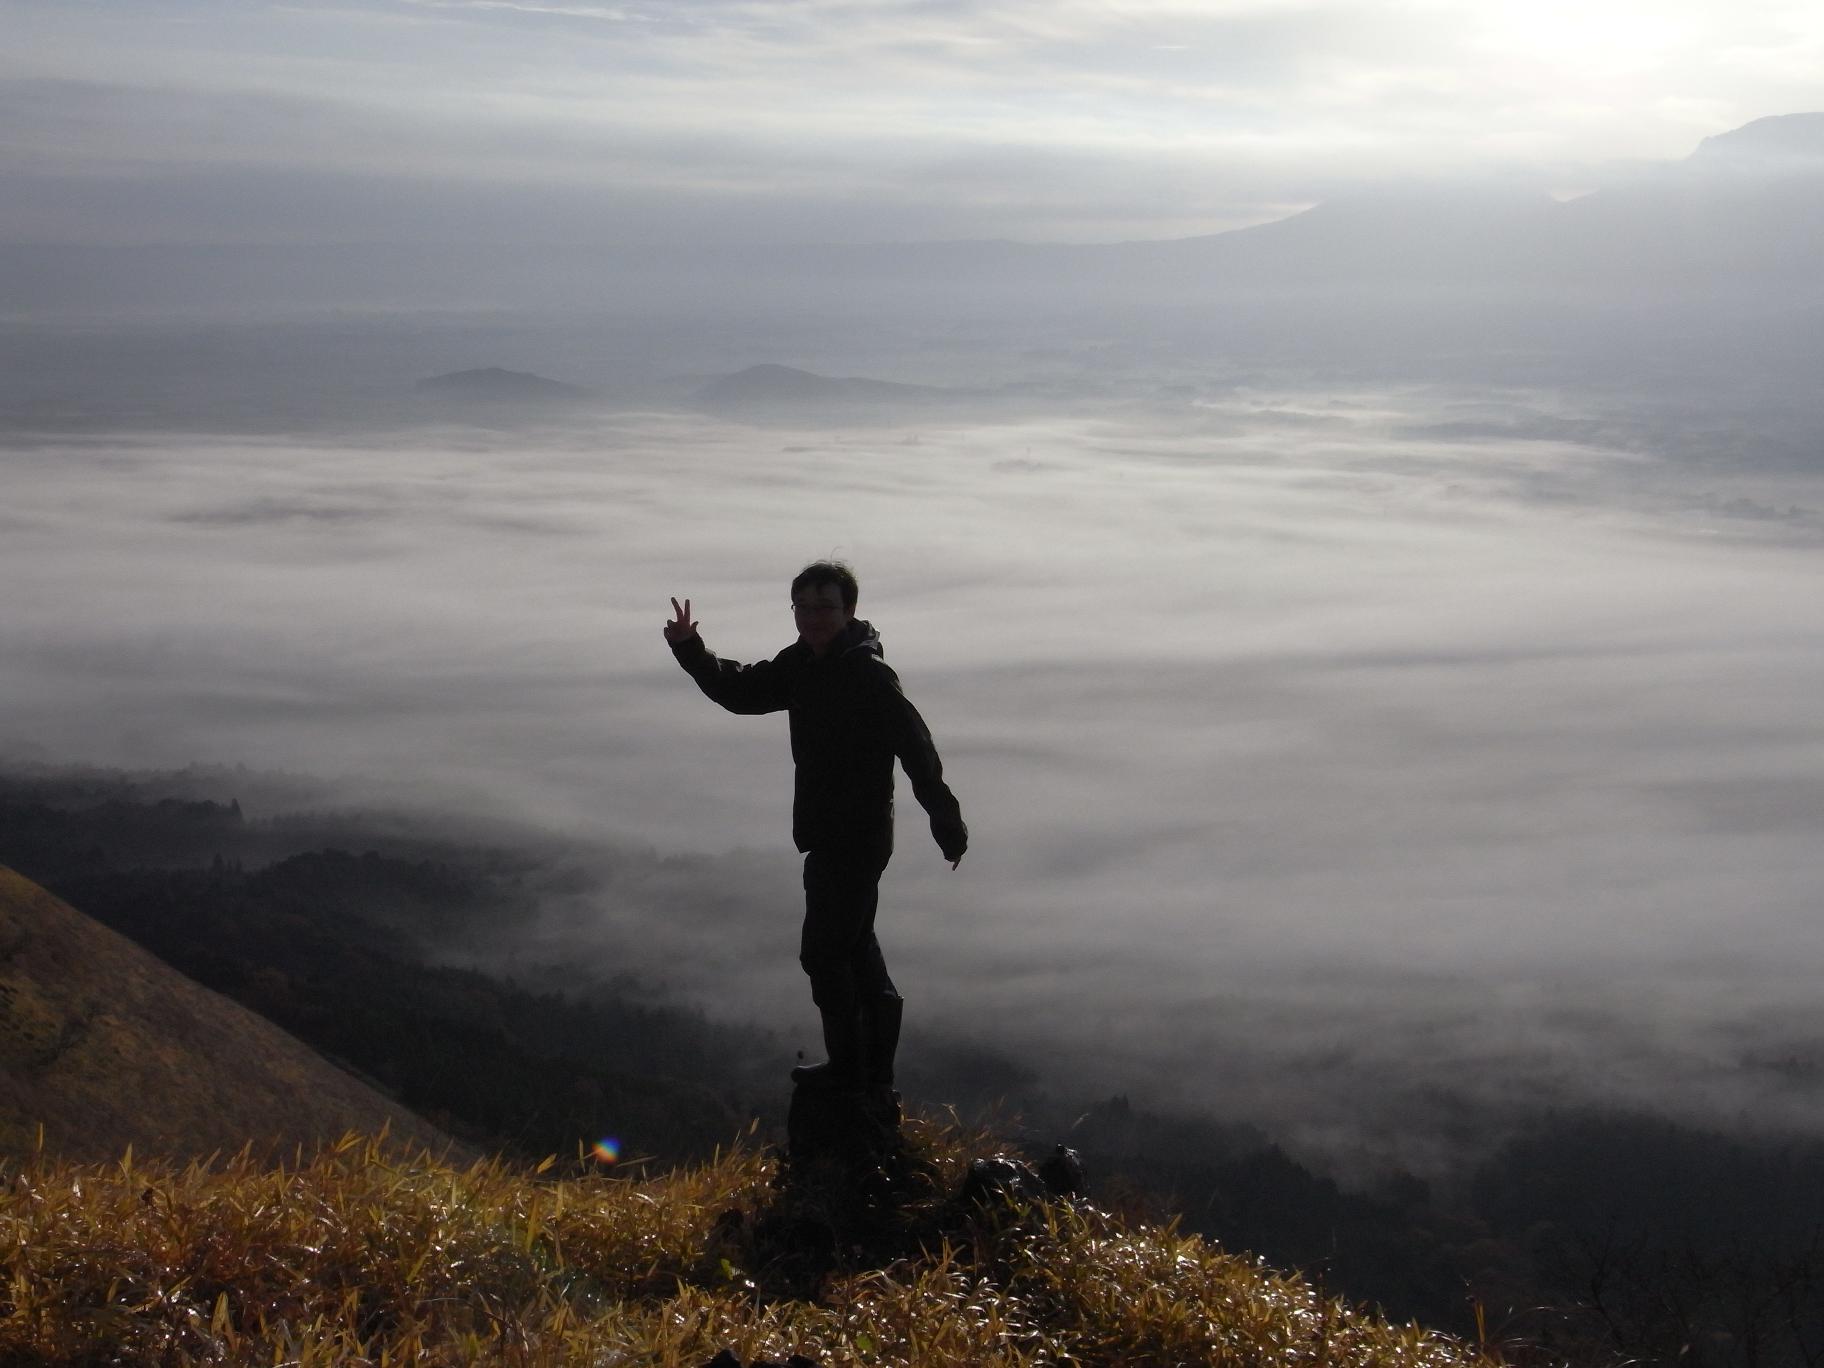 [自転車旅行] 2012/11/30:熊本県阿蘇市 滞在(阿蘇ライダーハウス)